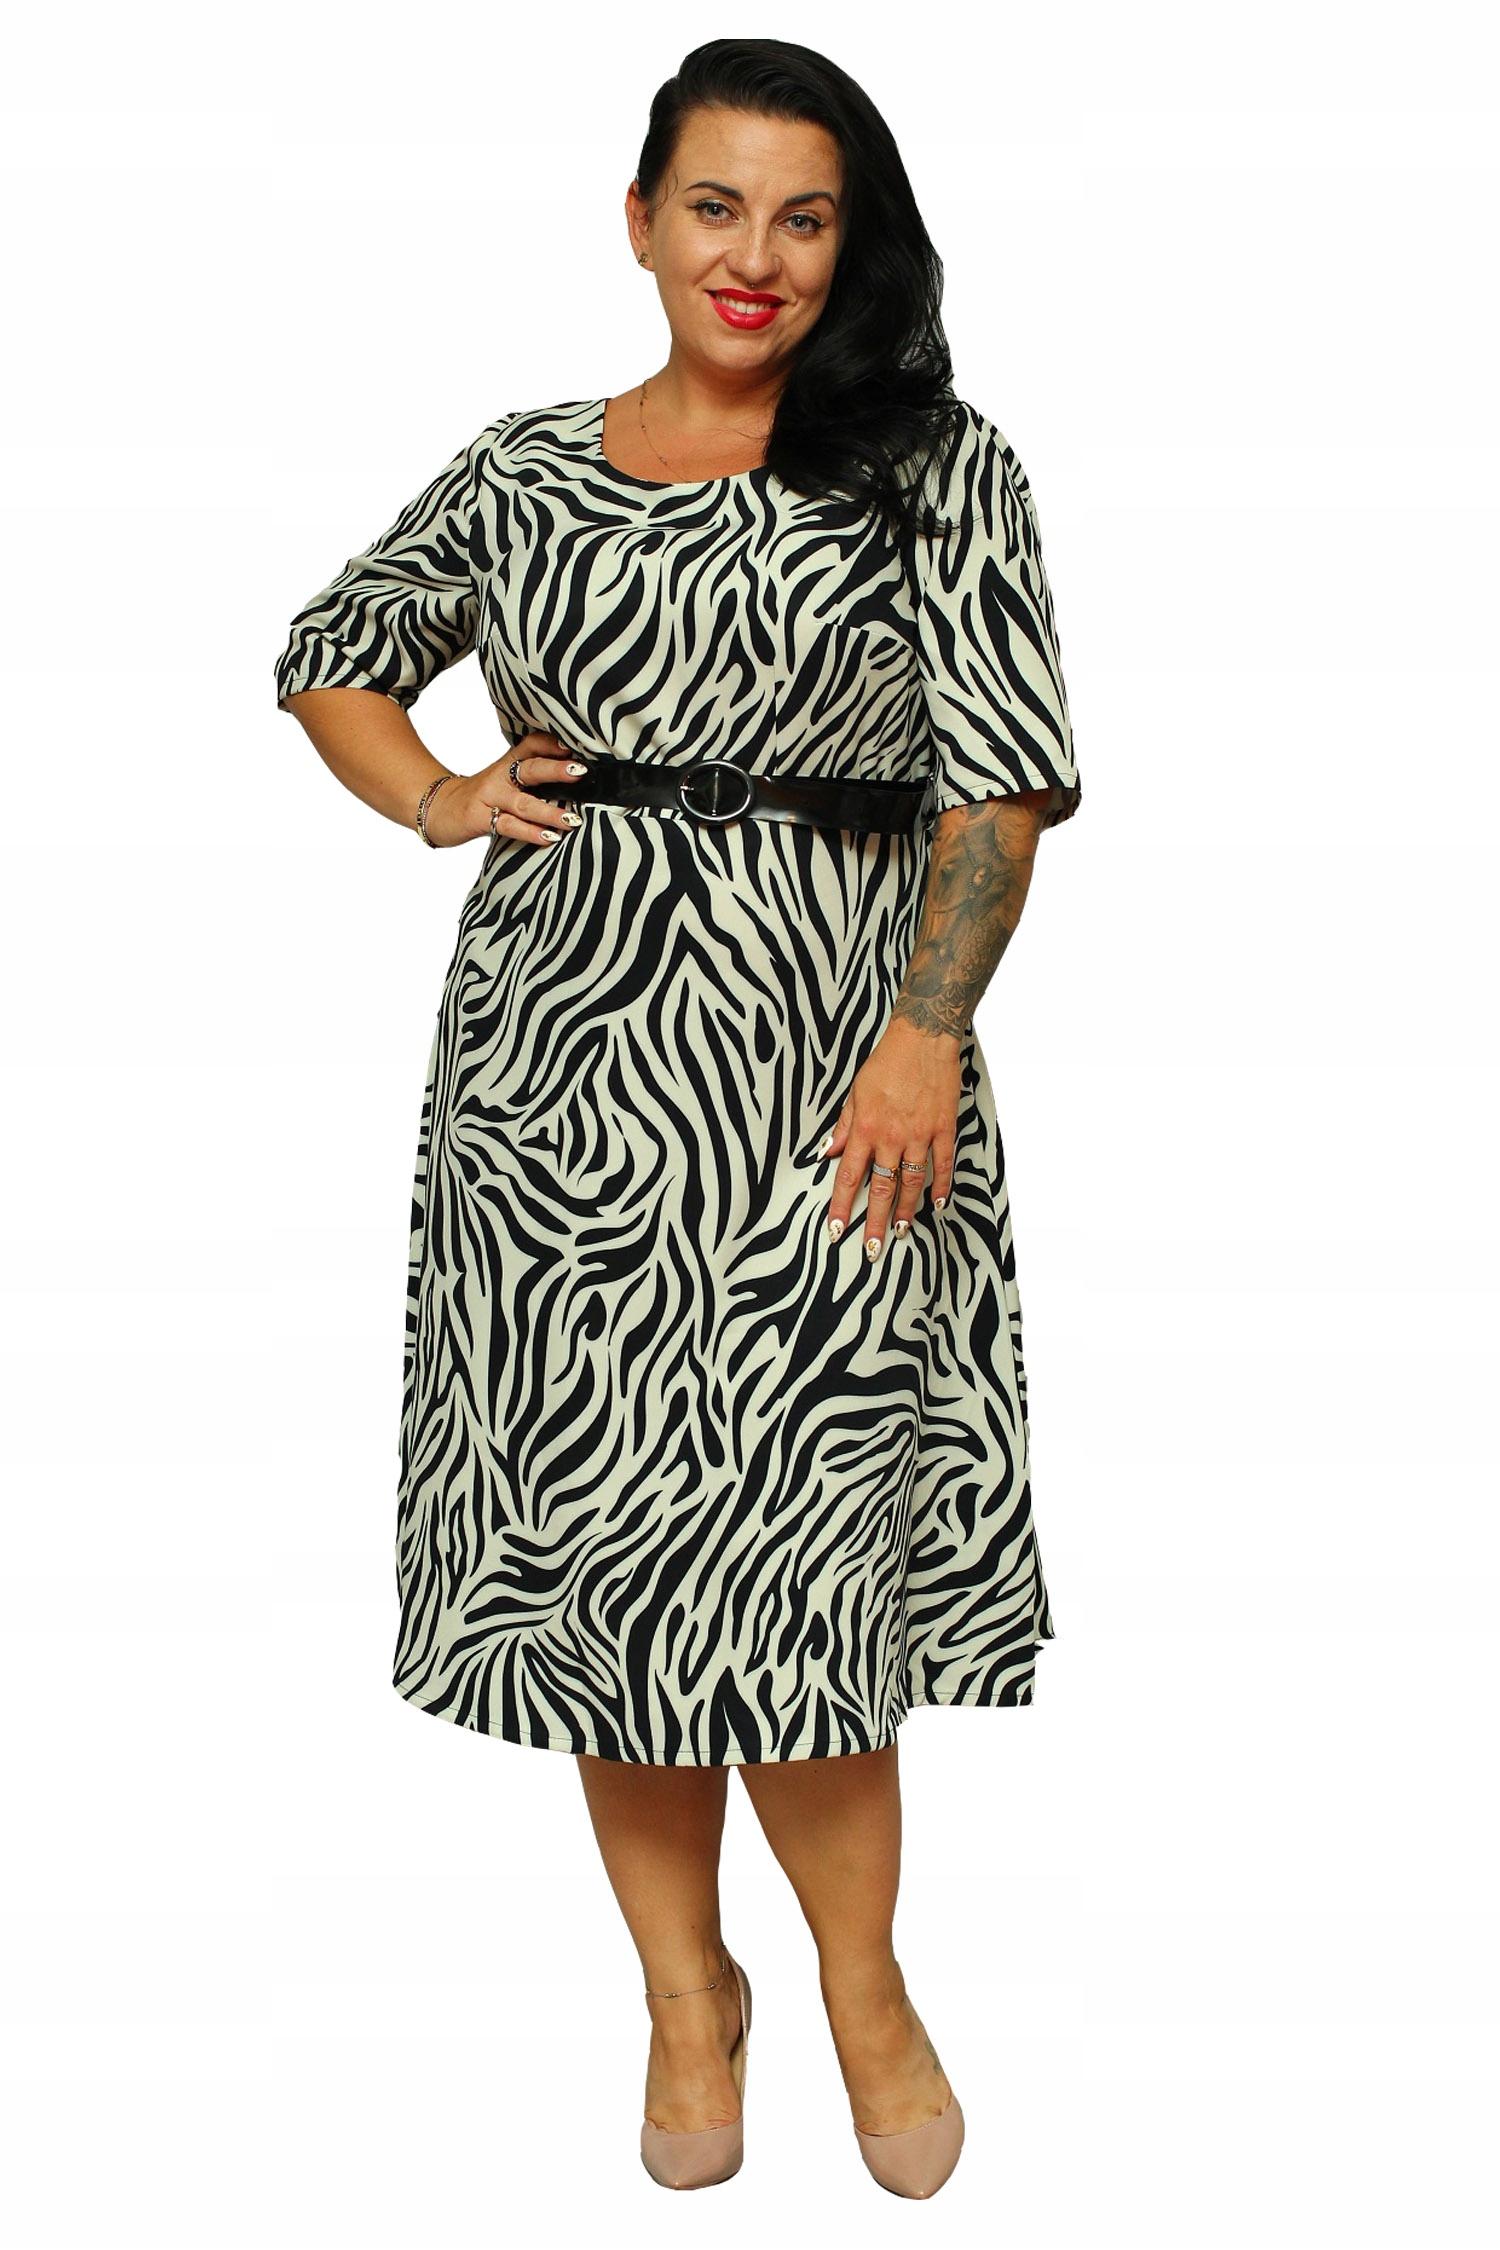 e57680f2 WYPRZEDAŻ Sukienka ADEL z paskiem zebra 48